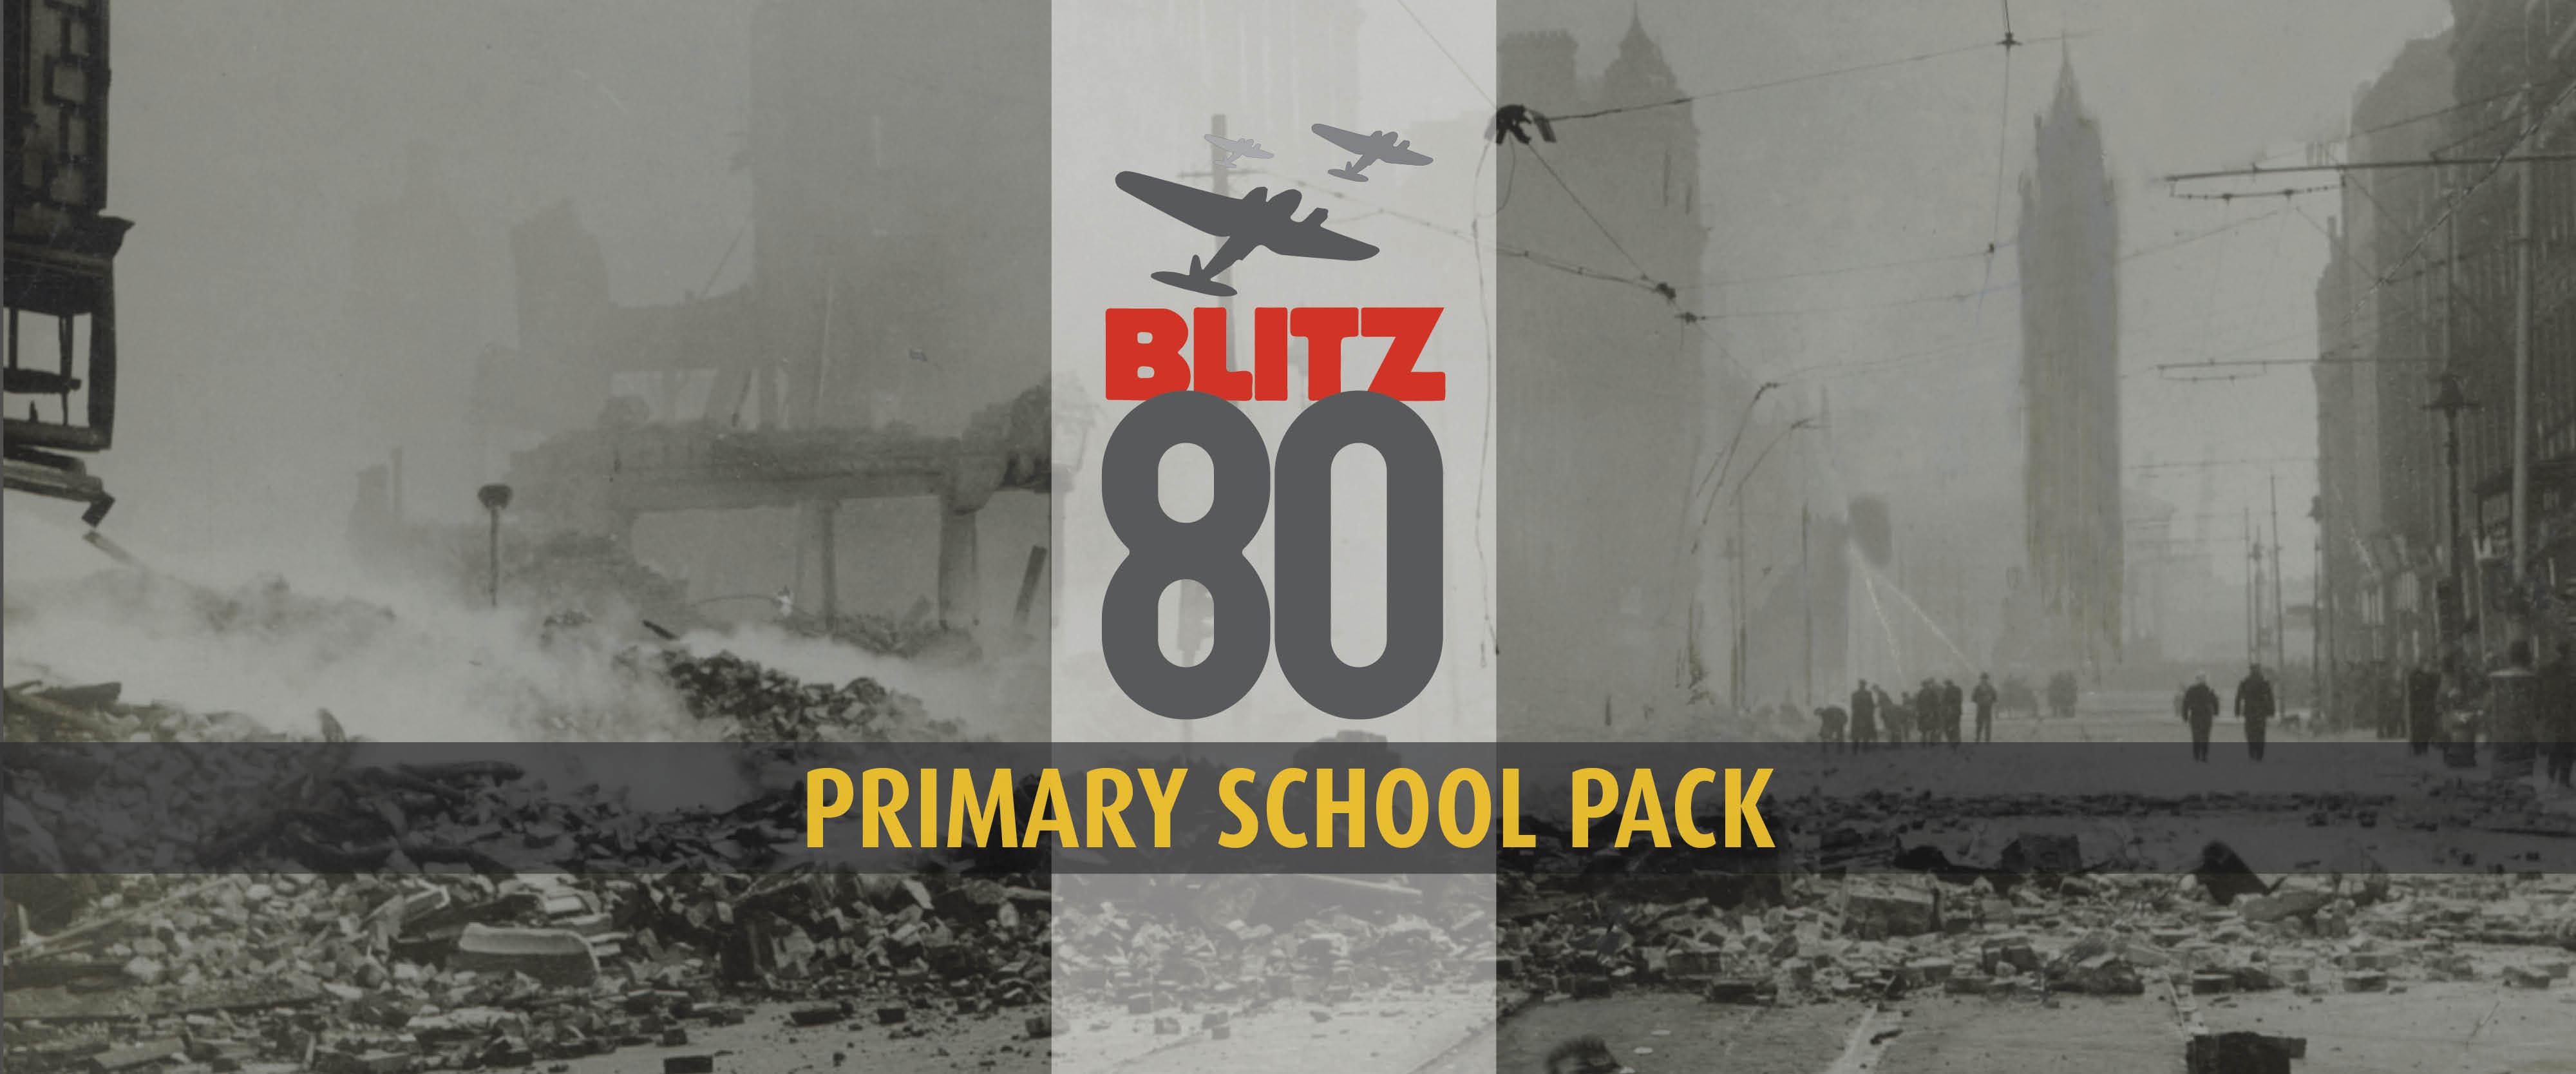 Blitz 80 Primary School Pack